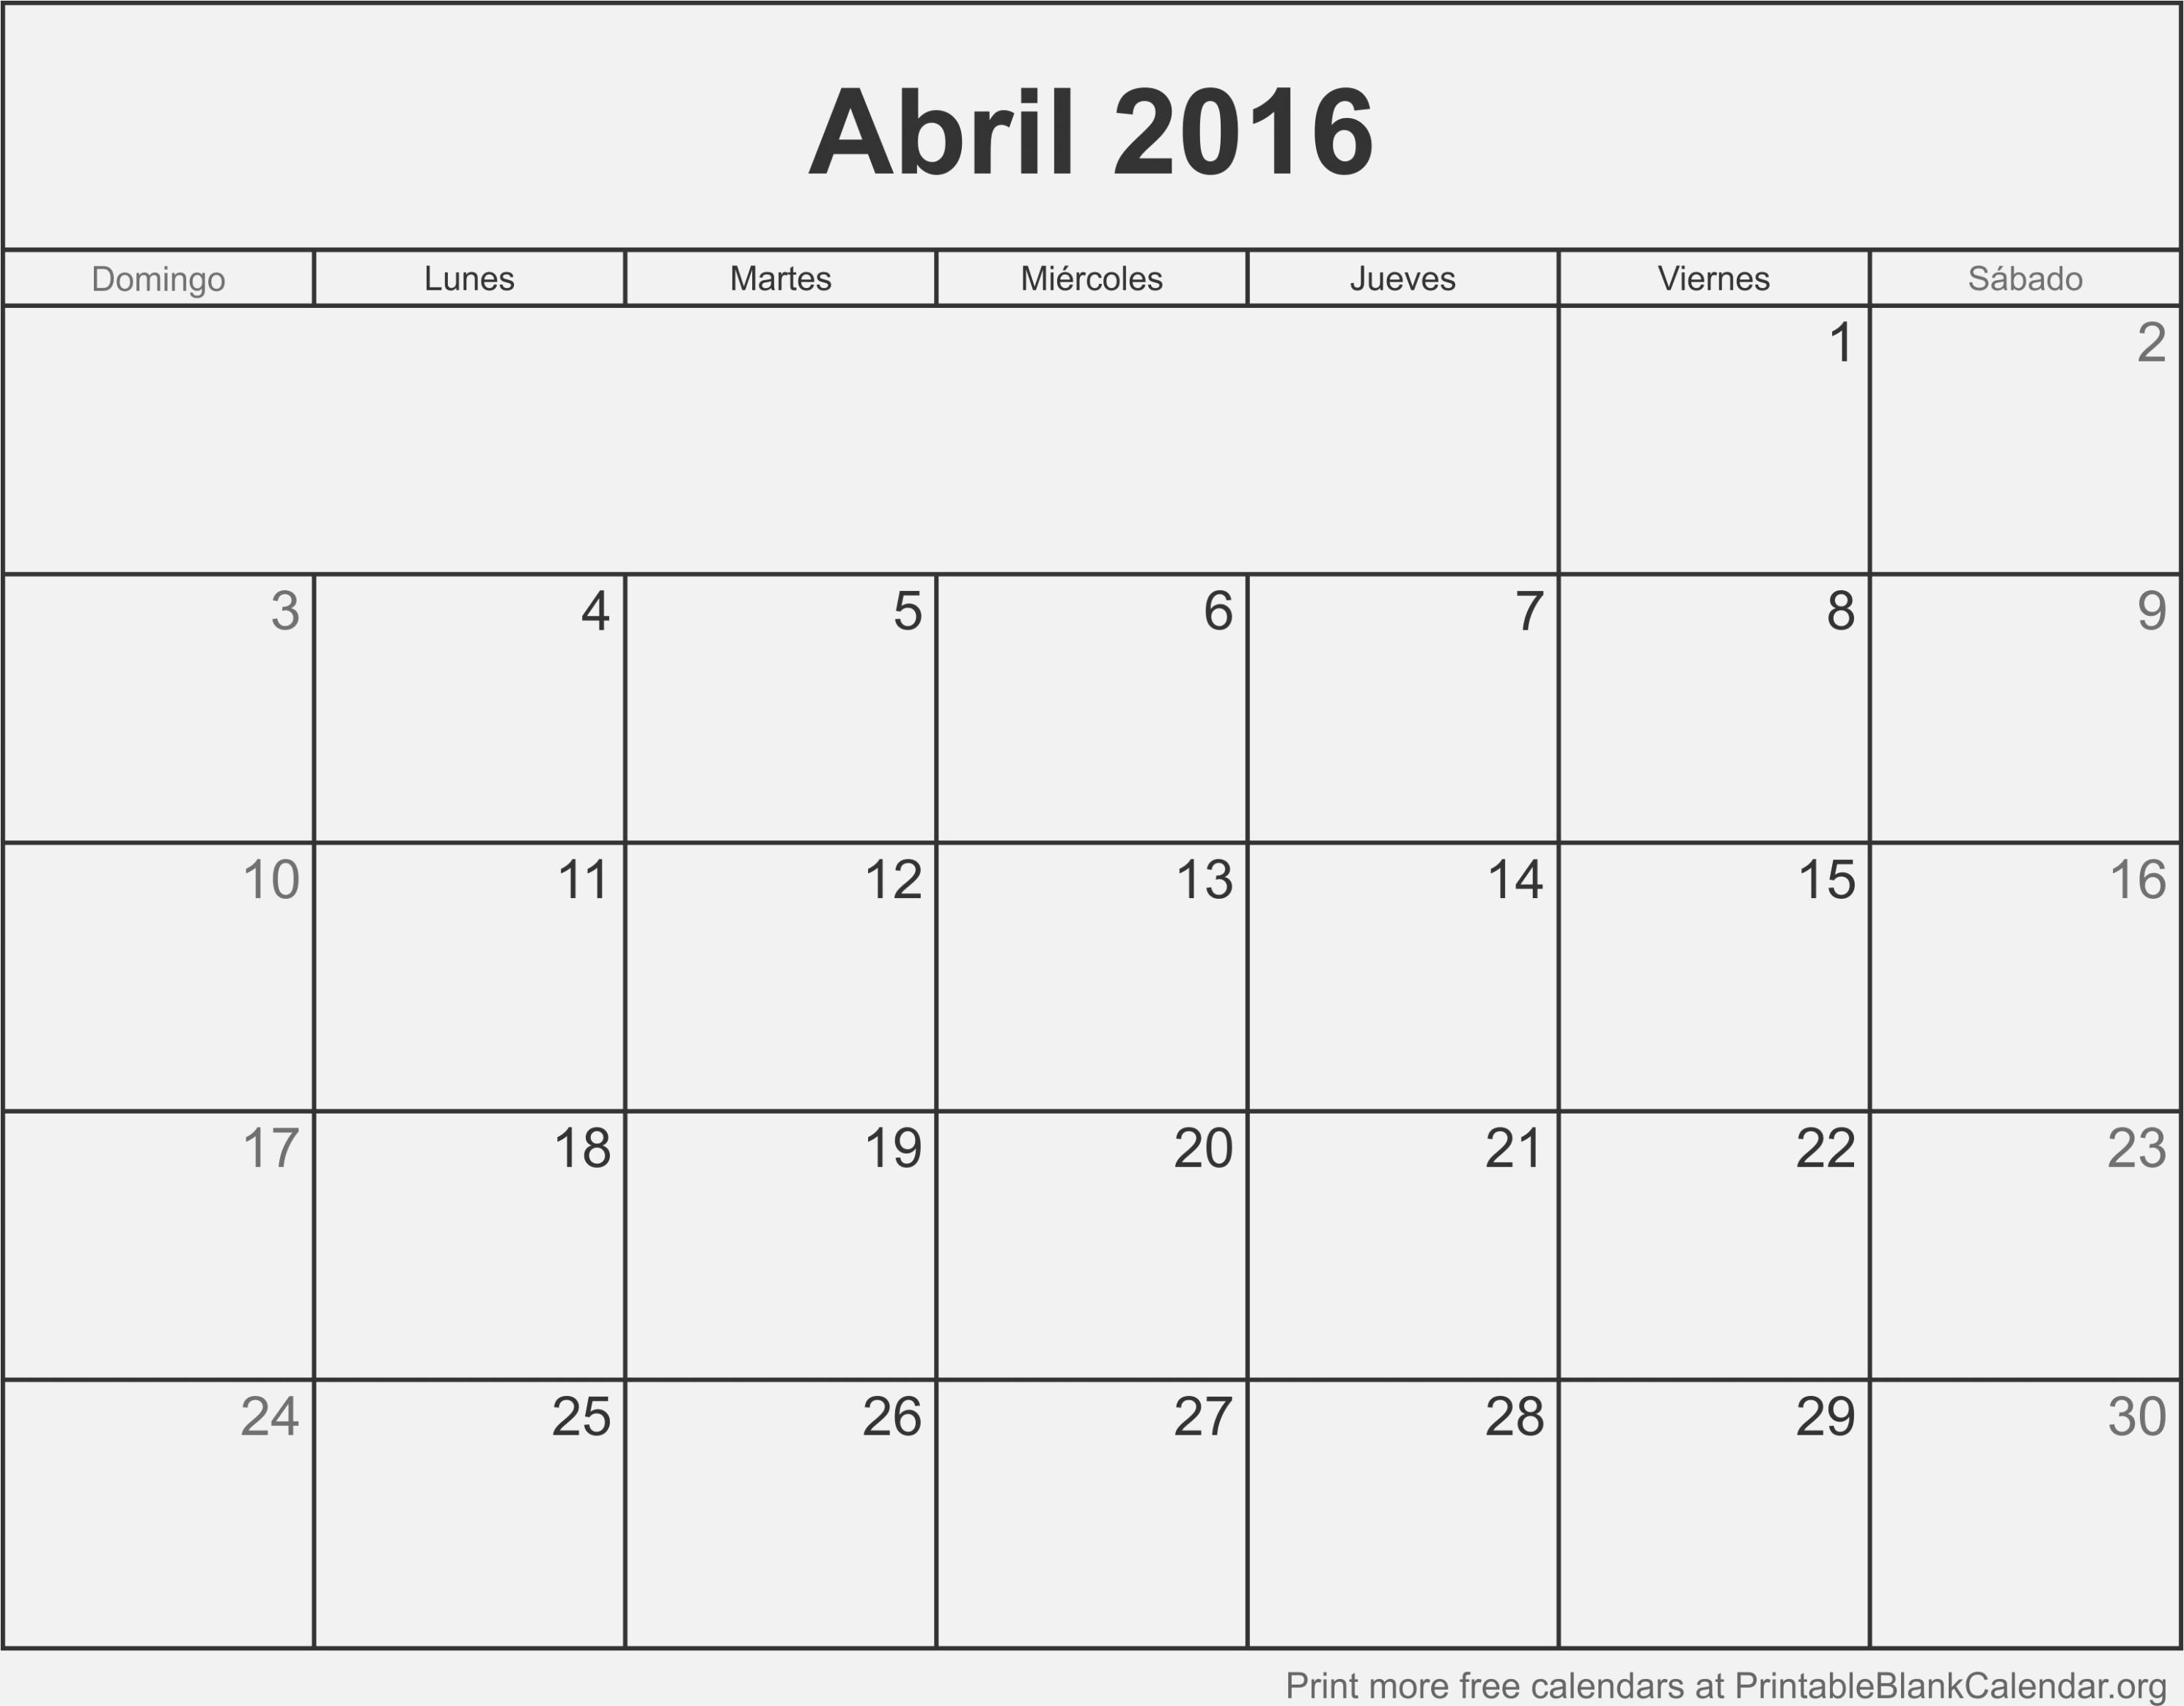 Calendario 2019 Para Imprimir Pdf España Más Populares Best Calendario Mes Por Mes 2016 Image Collection Of Calendario 2019 Para Imprimir Pdf España Más Arriba-a-fecha Primeros Anos La Clave Del